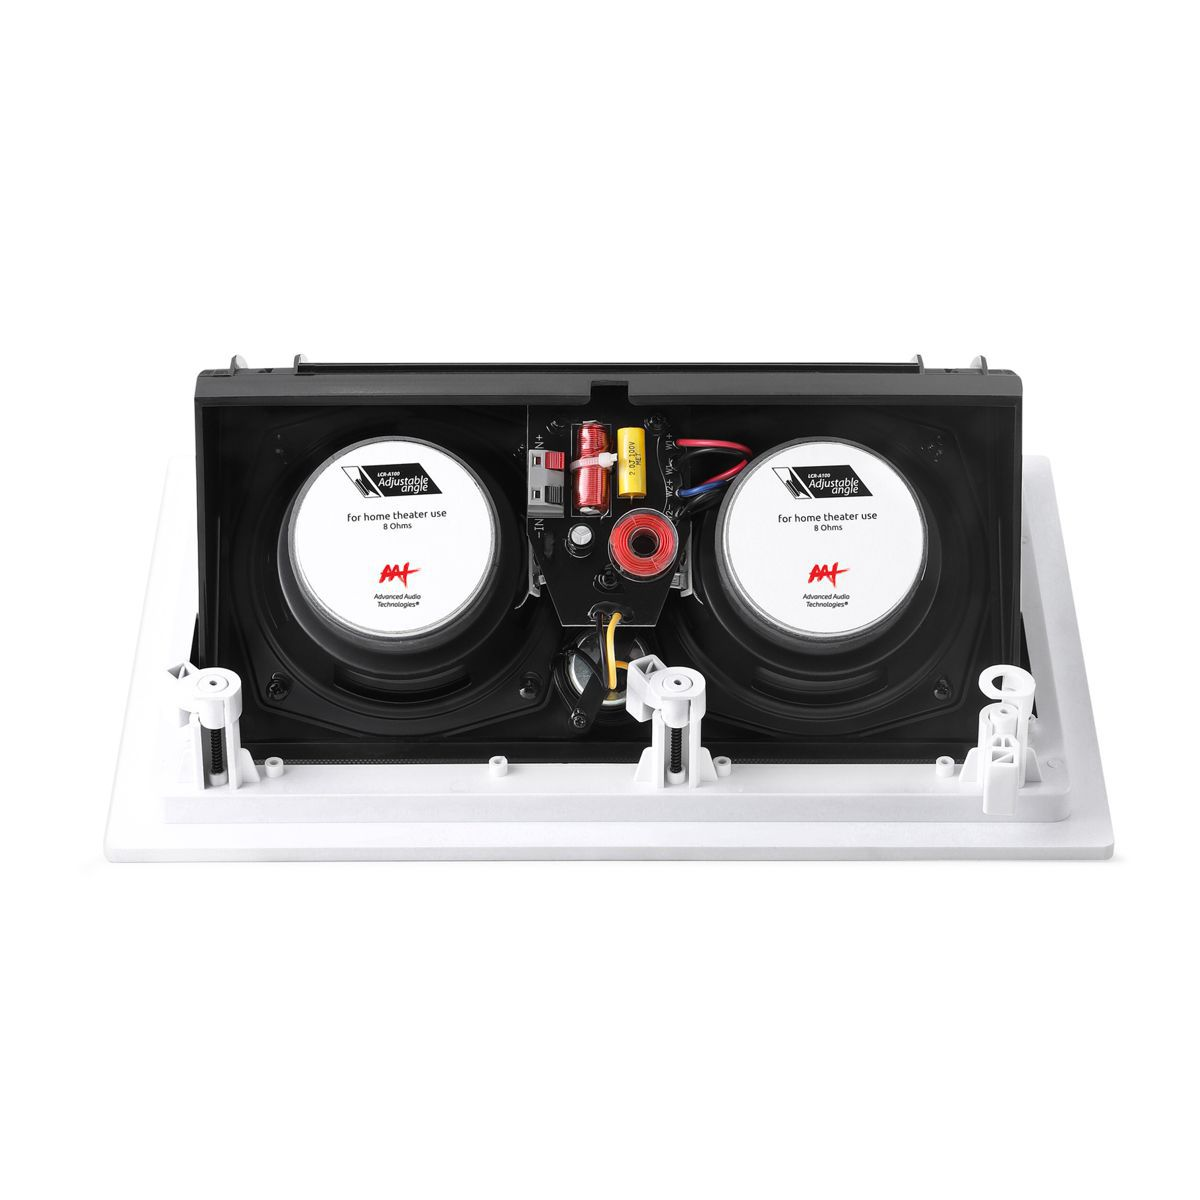 """Kit 7.1 Caixa de Embutir no Gesso LCR-A100 + LR-E100 + Subwoofer Cube Modern 8"""" AAT"""